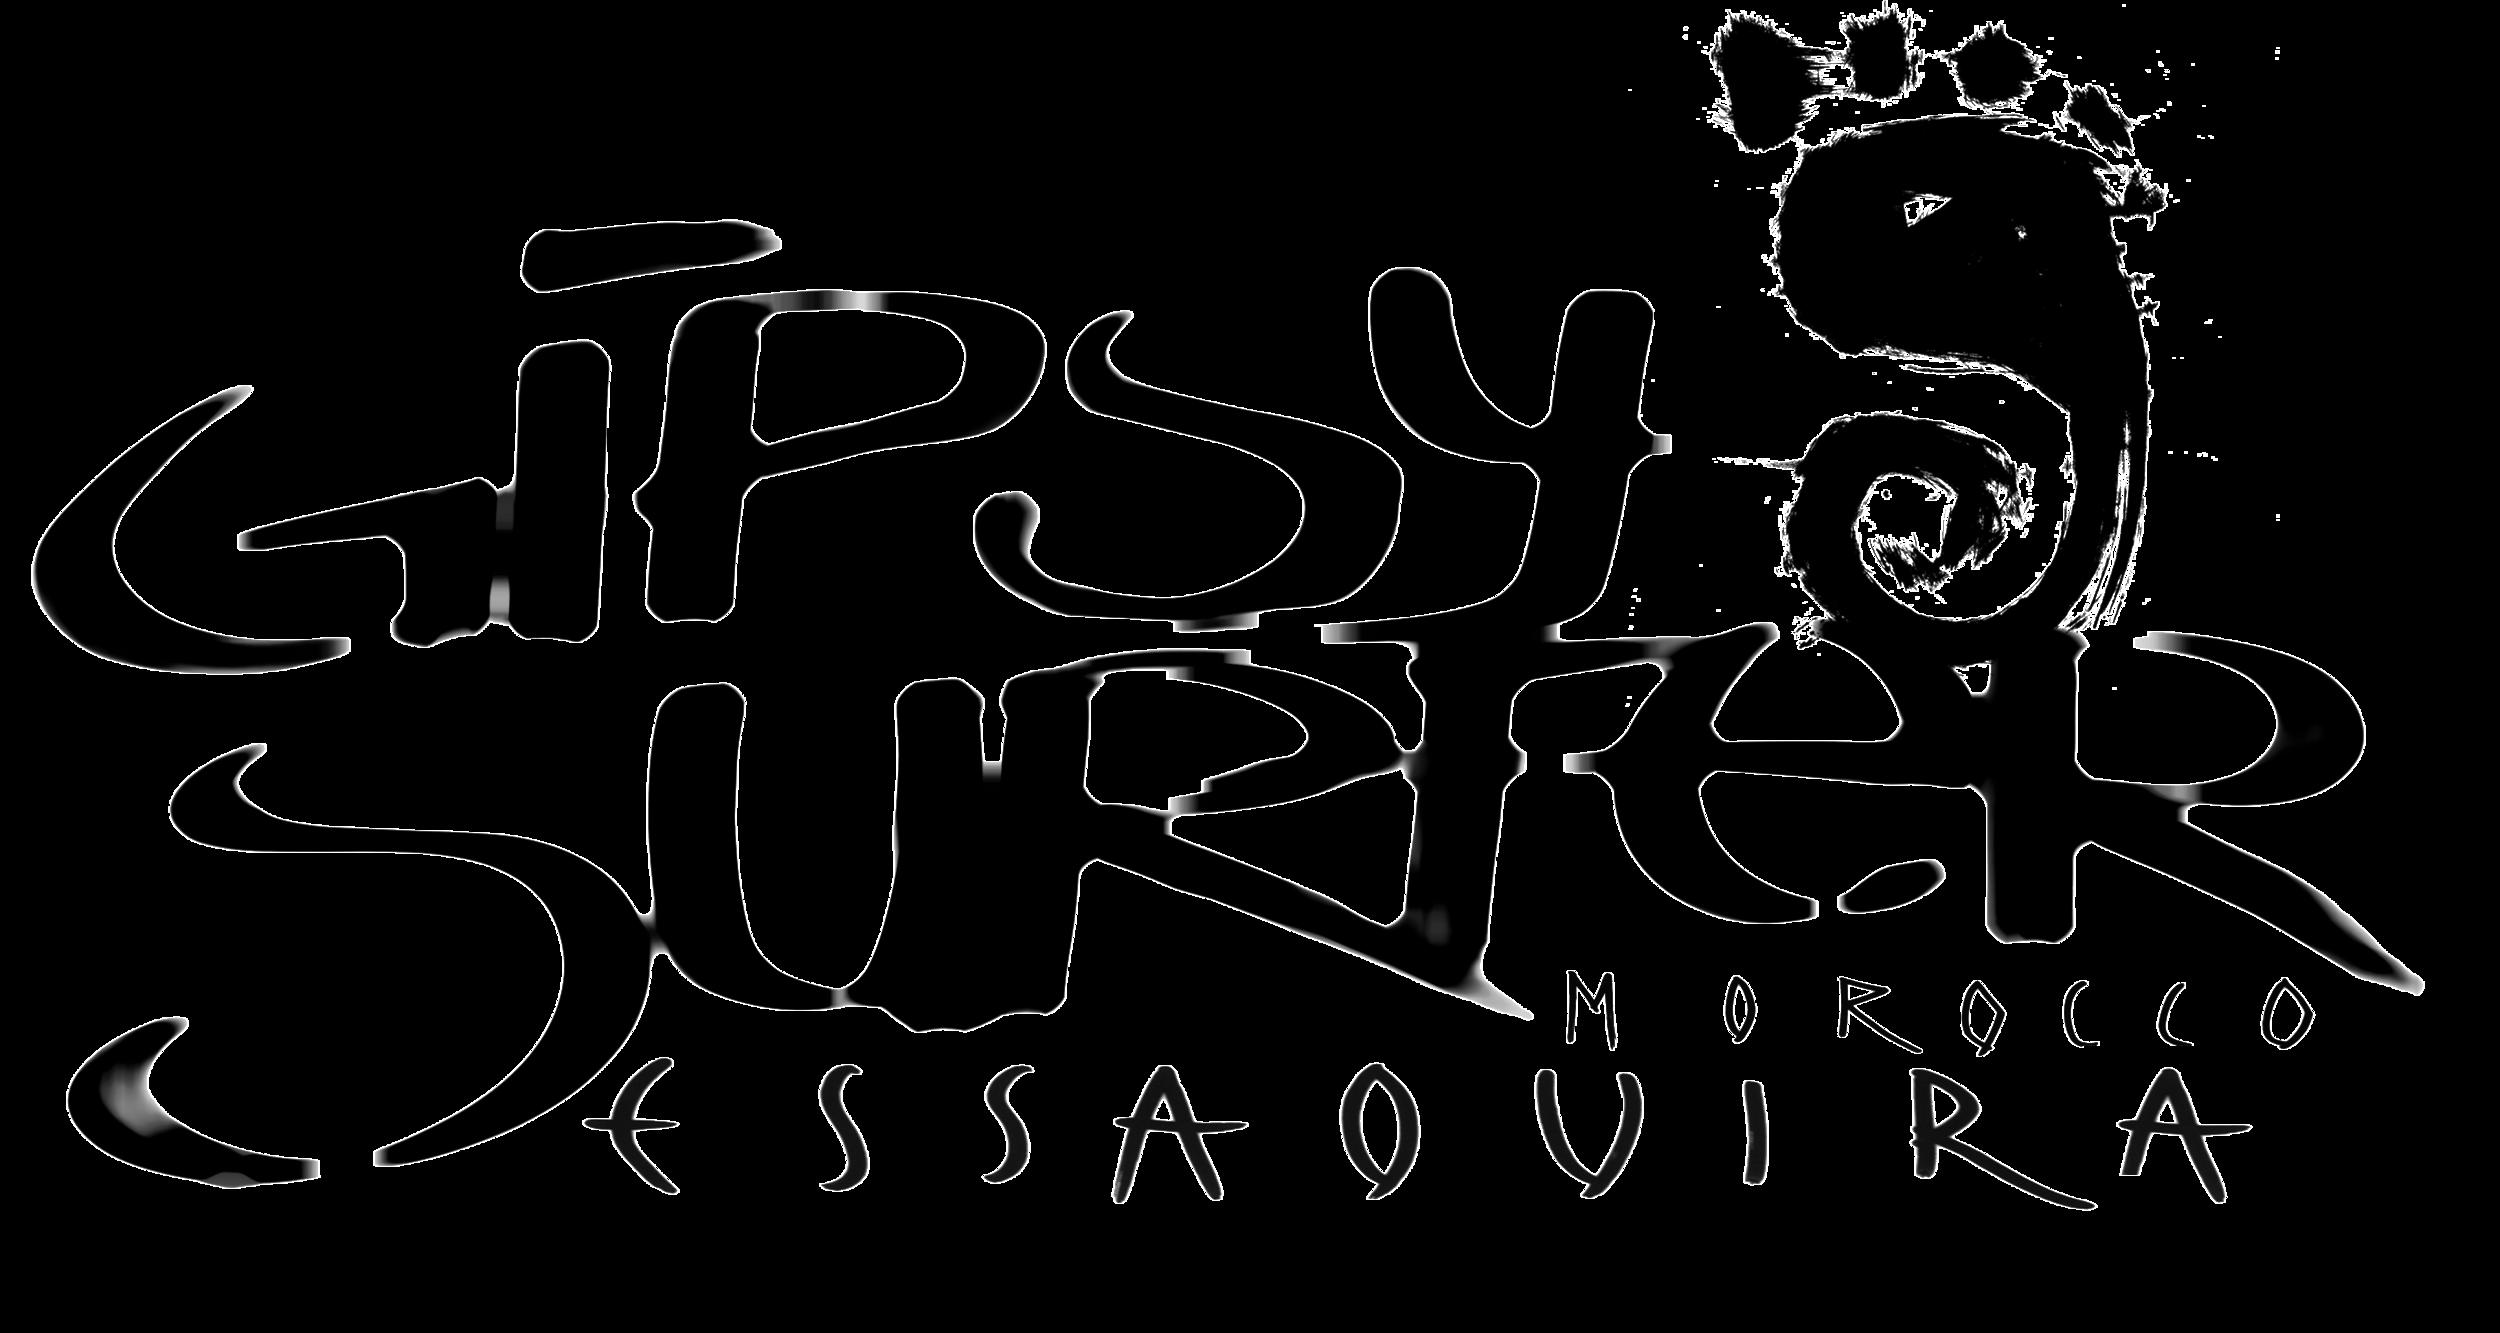 Gipsy Surfer Logo